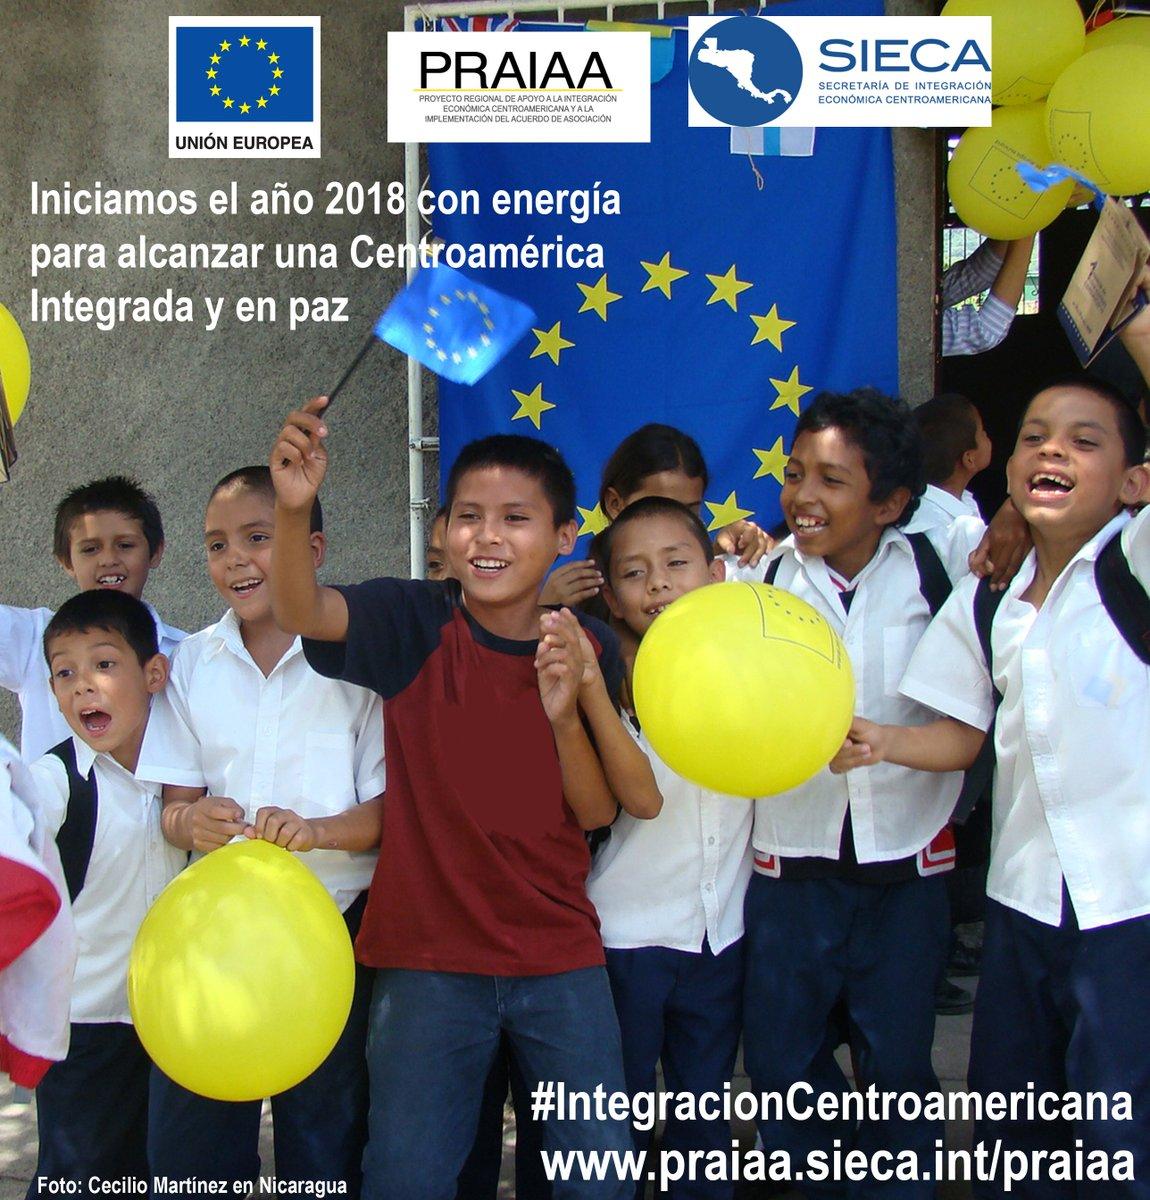 Nuestros mejores deseos de paz e integración para #Centroamericana #UnionEuropea y el mundo   @sg_sieca @UEenNicaragua #PRAIAA @sg_sica @UEGuatemala @UEenHonduras @UEenCostaRica @UEenElSalvador @SDEHonduras @GUATEMINECO @MINEC_SV @comexcr @MICIPMA #MIFIC @aduanaspanamapic.twitter.com/Vg2FGKNn8x